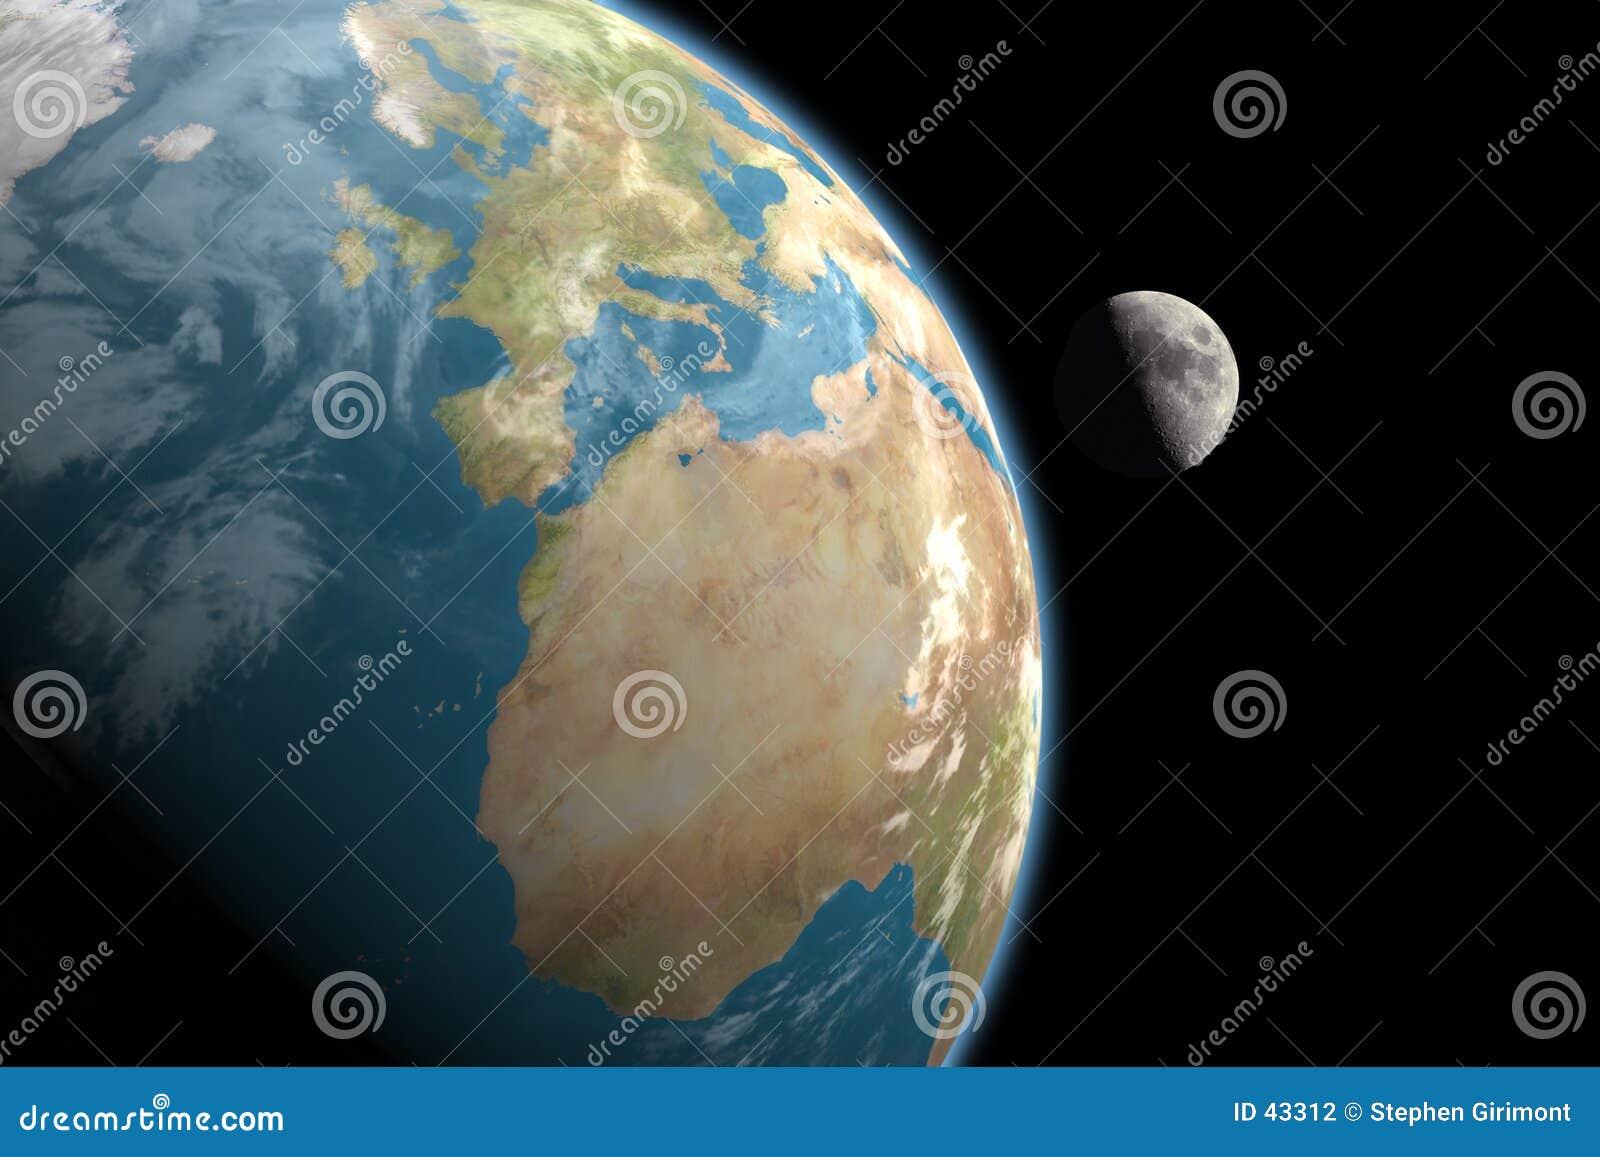 Europa, Afrika en Maan, geen sterren